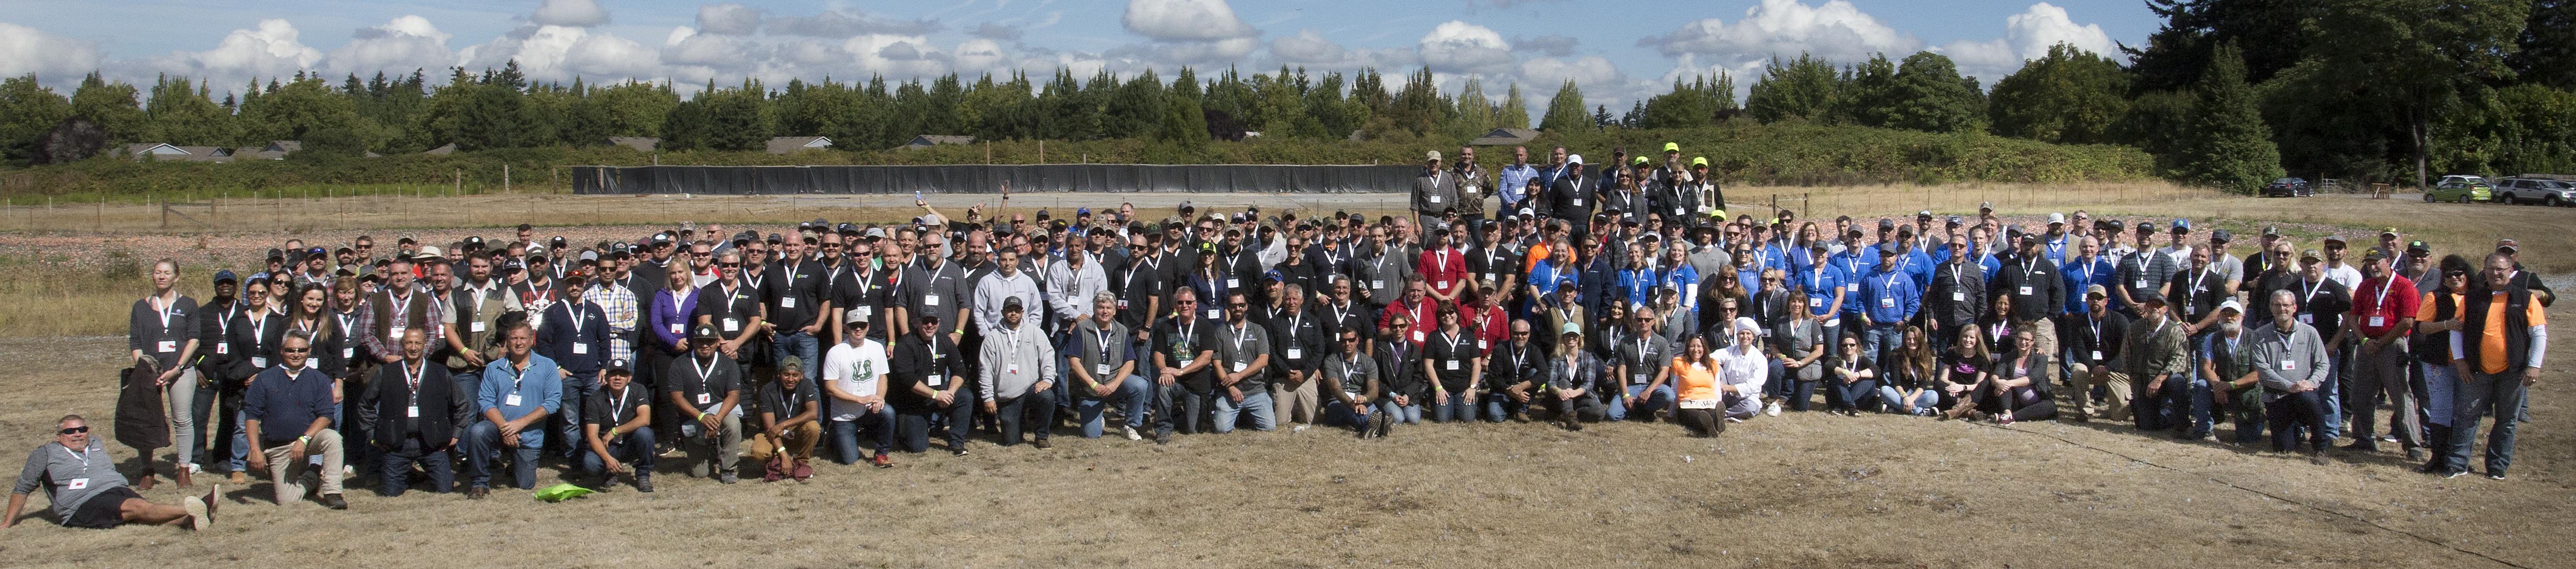 2018 Trap Shoot Participants